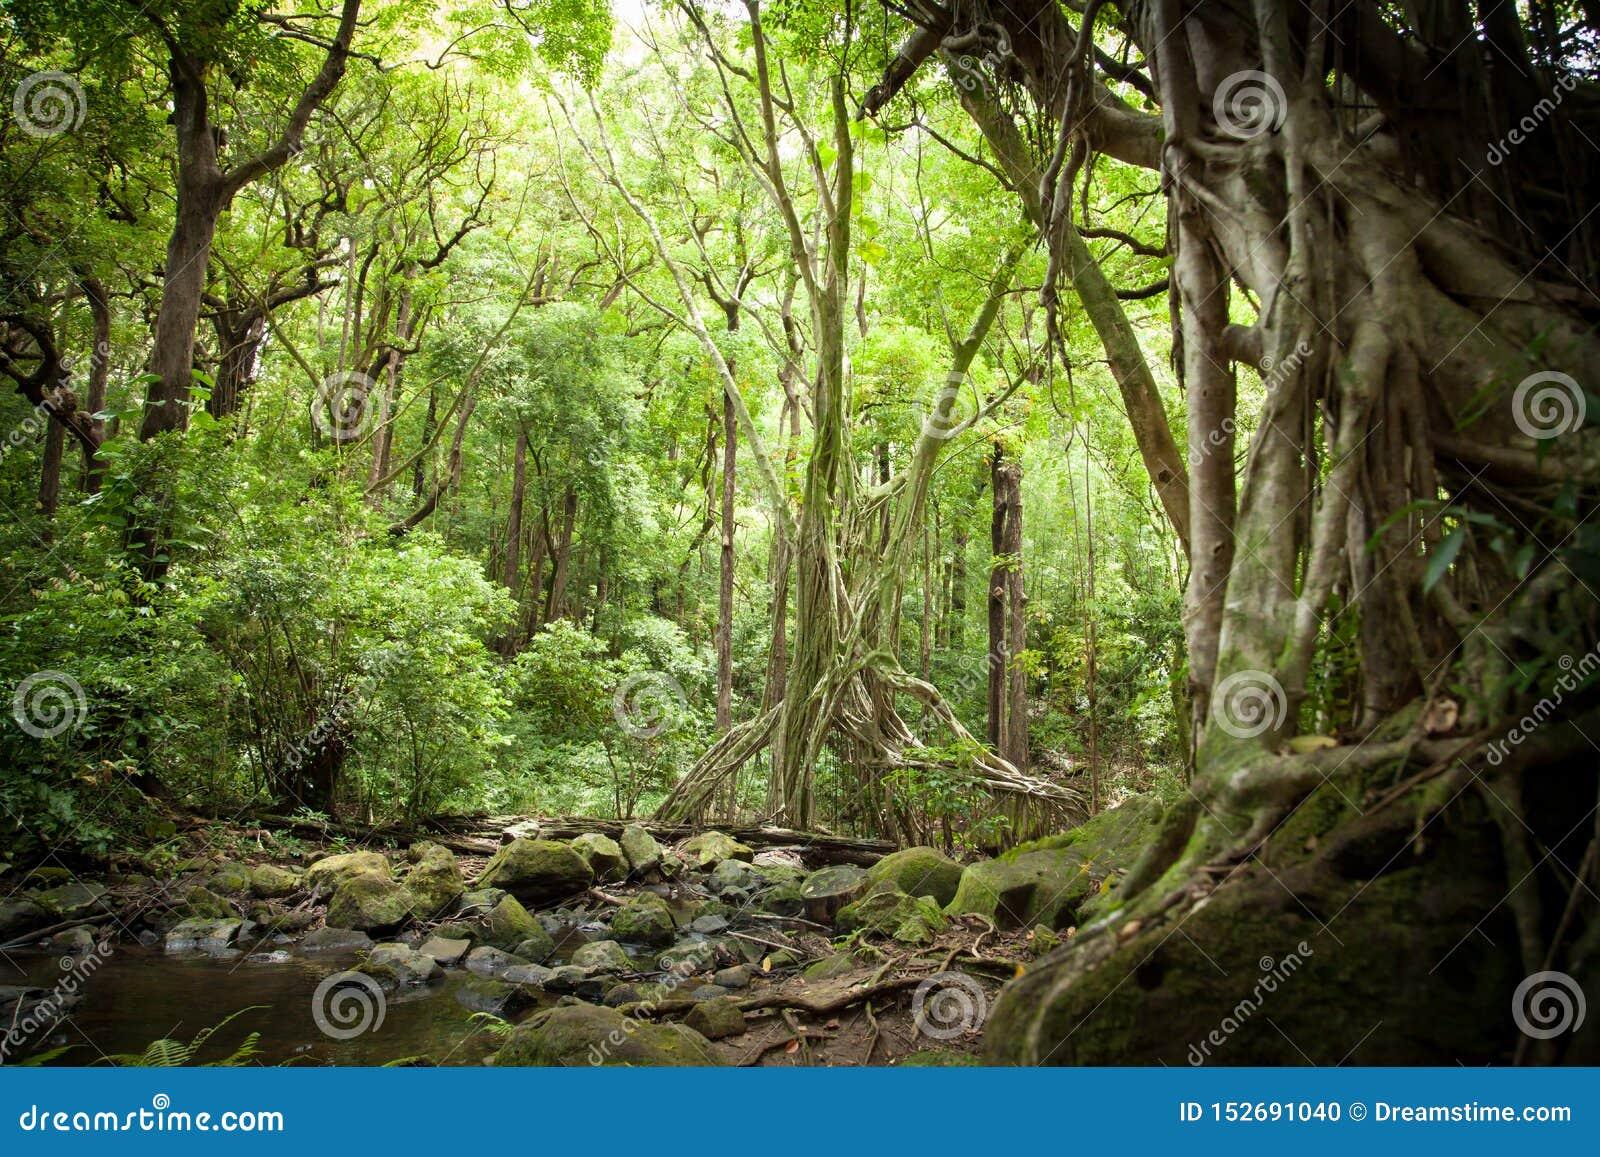 Luz del sol filtrada toldo en selva de la selva tropical